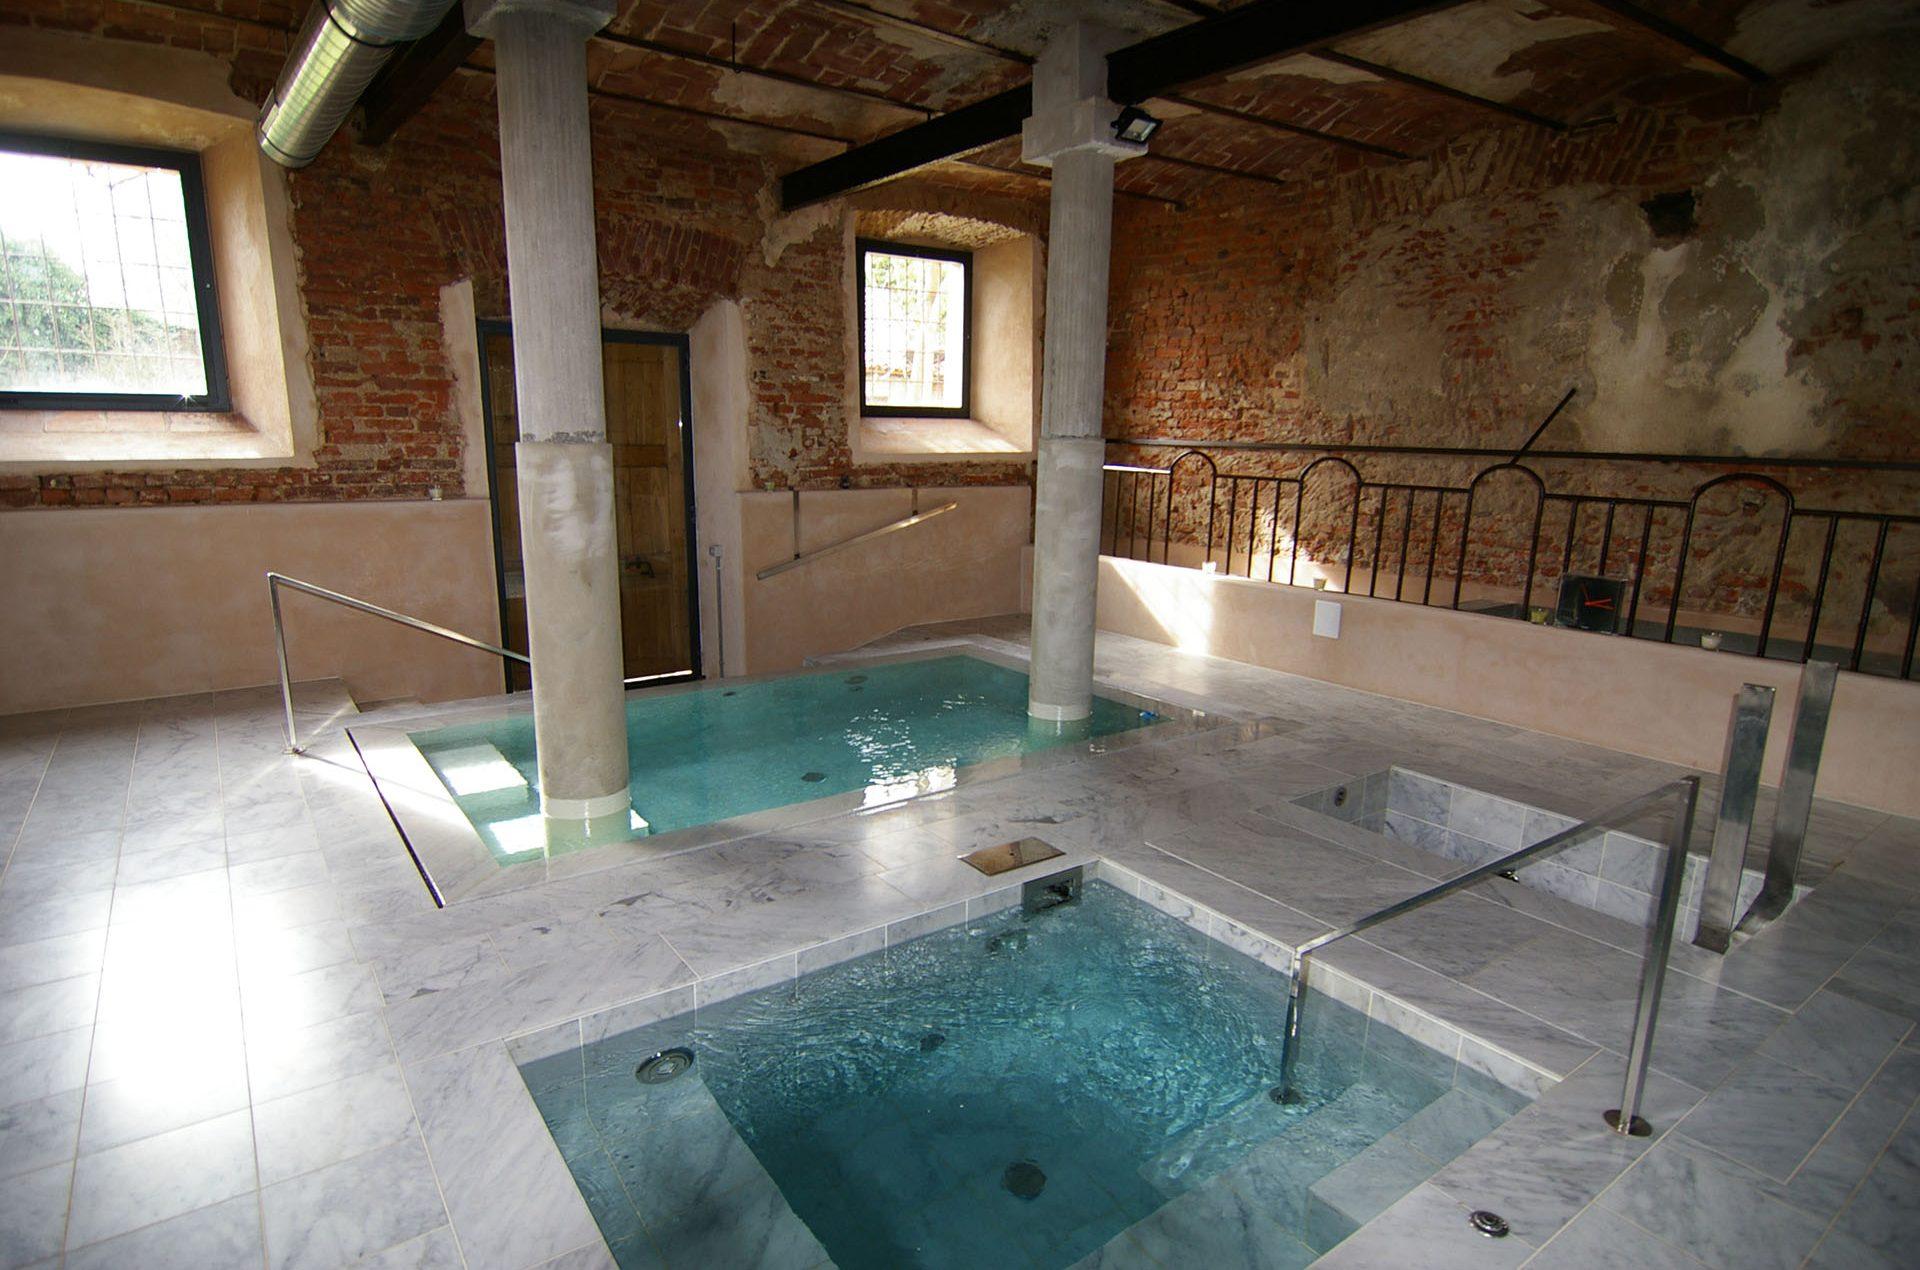 piscine verbano - un tuffo nella storia (3)